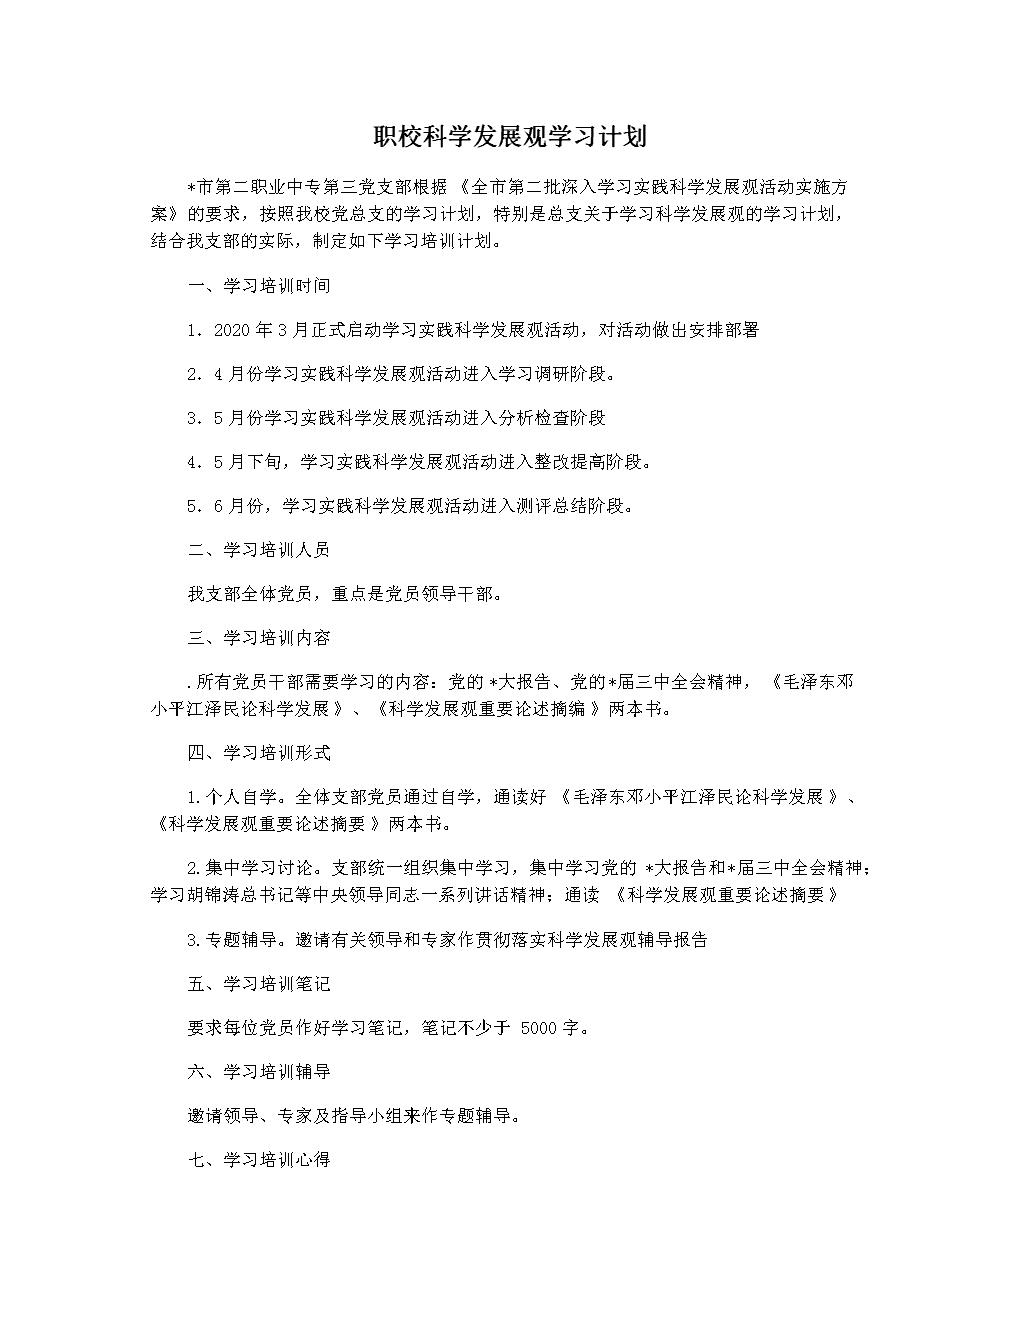 职校科学发展观学习计划.docx